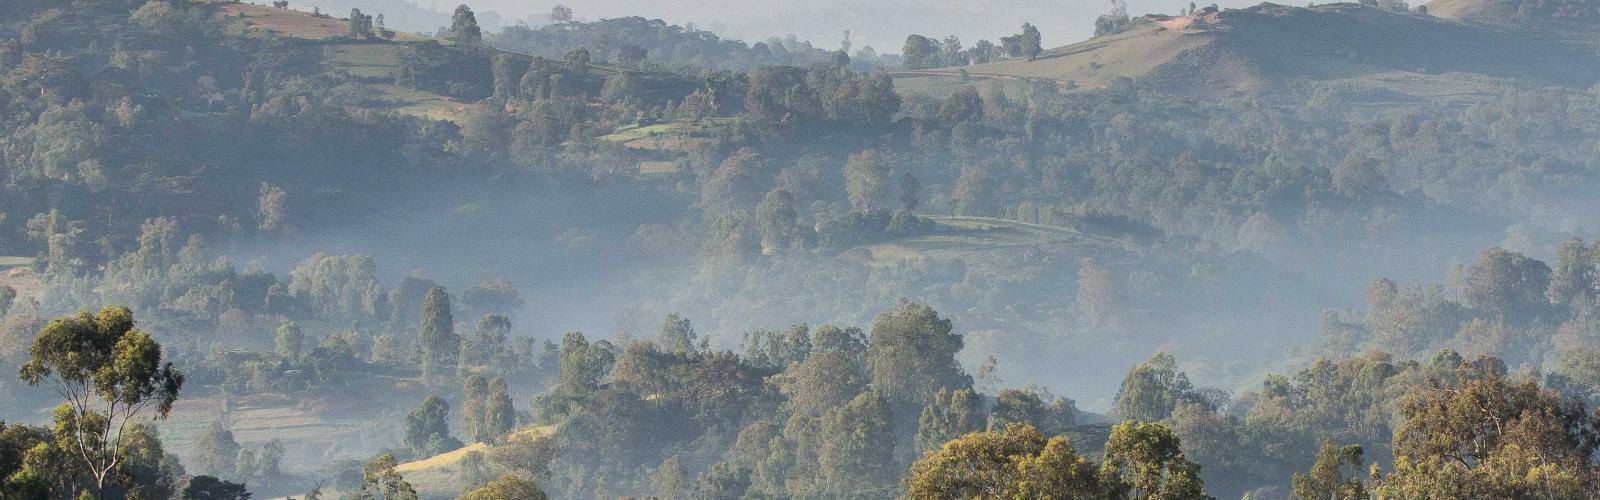 max-havelaar-ethiopia-landscape